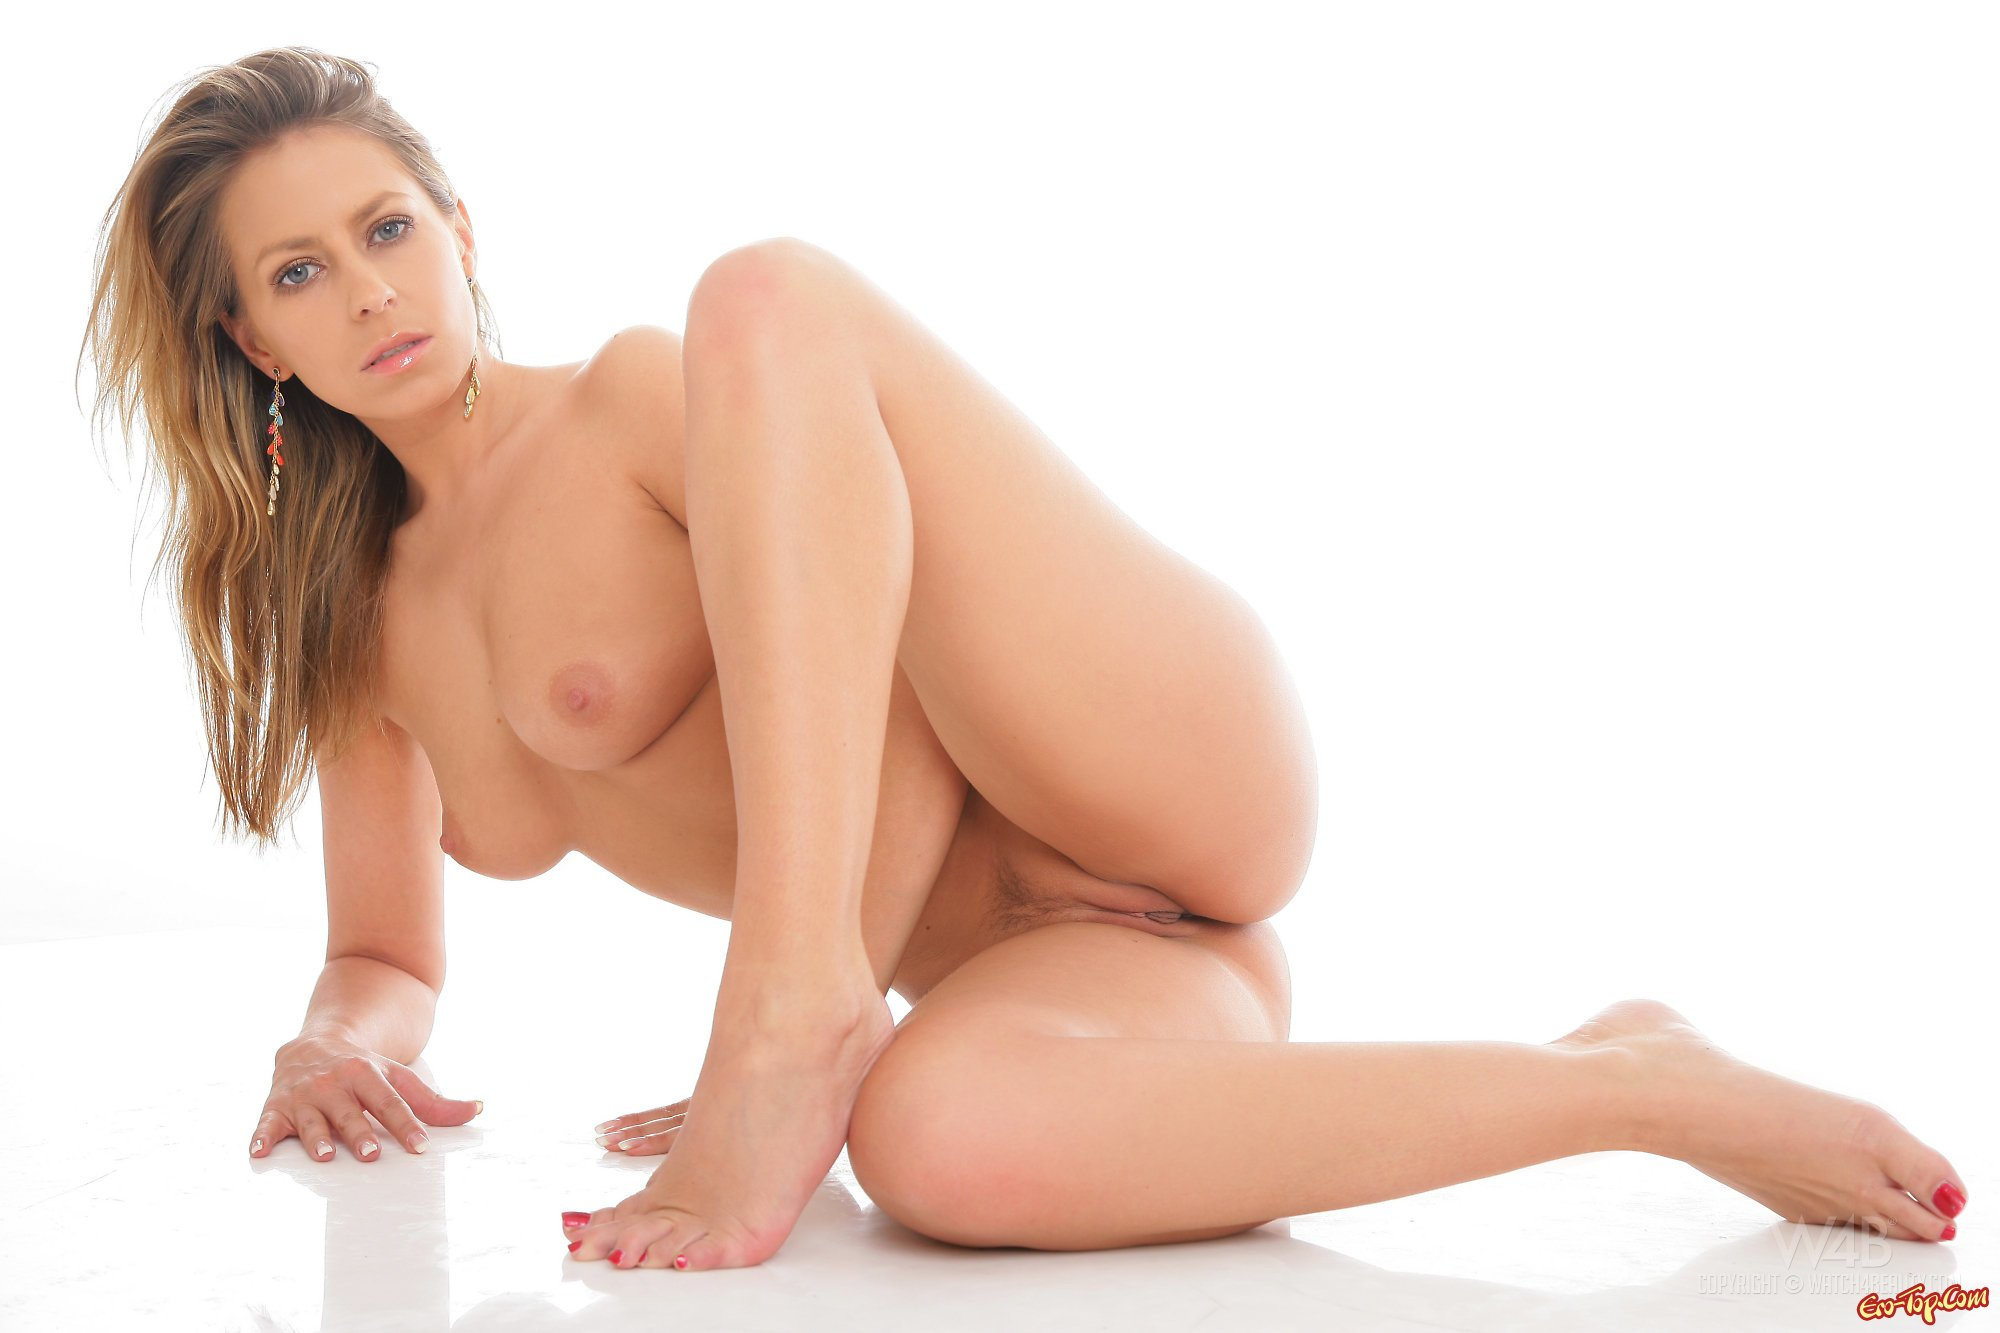 Тонкая талия широкие бедра фото голых девушек, Тонкая талия и широкие бедра ( 65 фото) 5 фотография